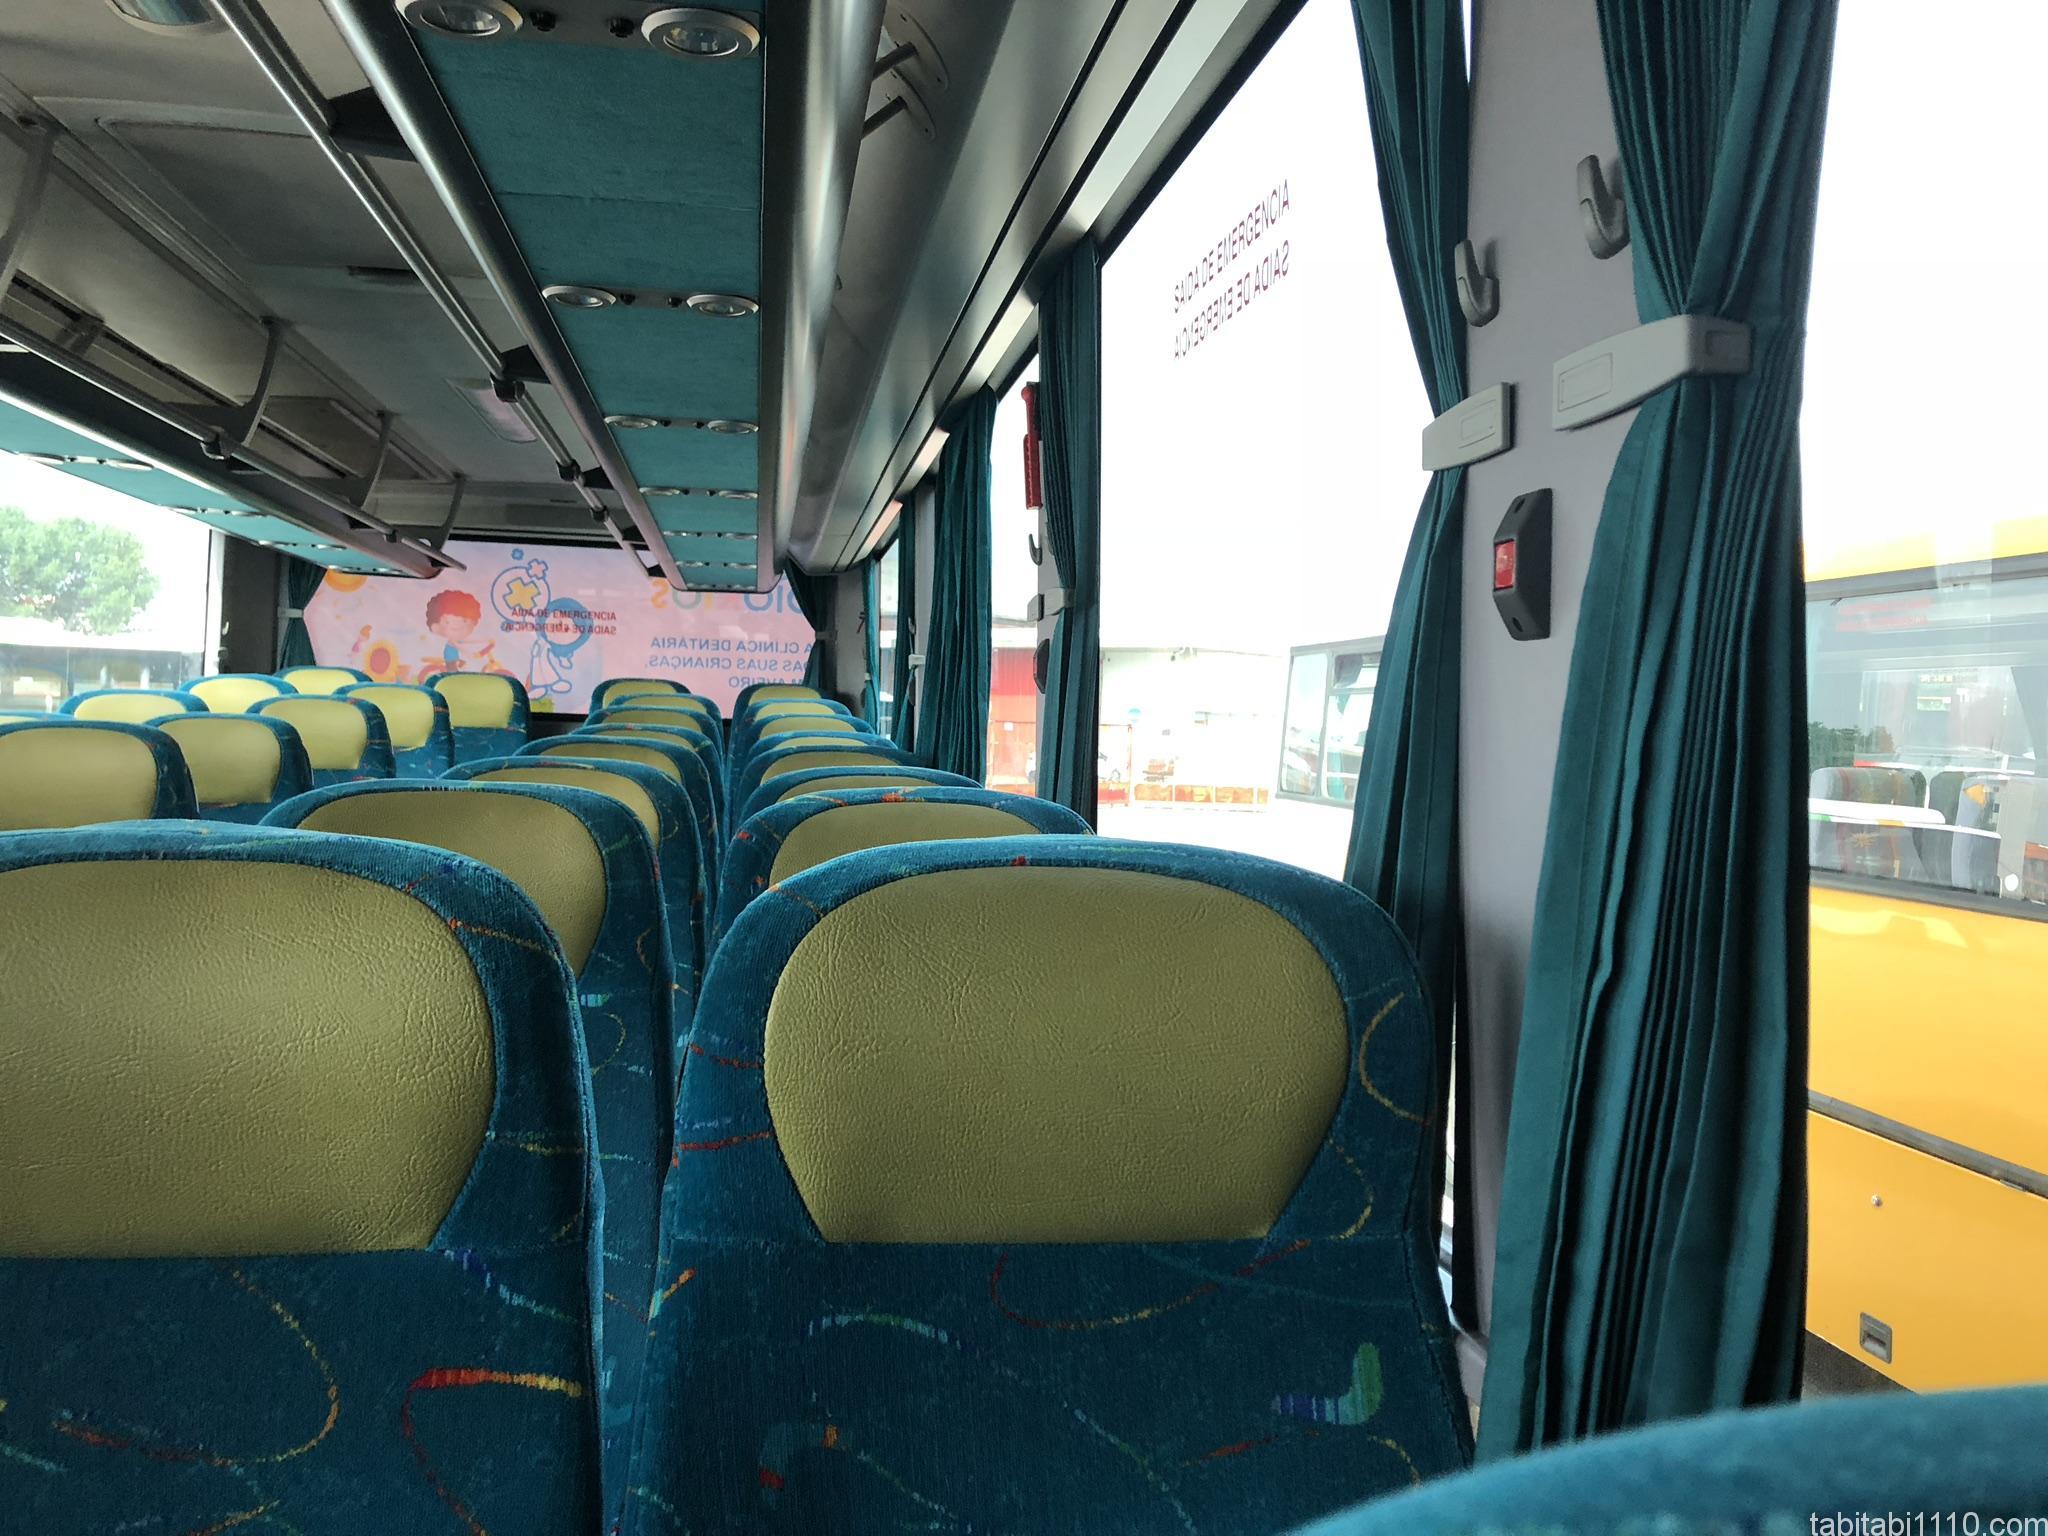 アヴェイロからコスタノヴァ バス